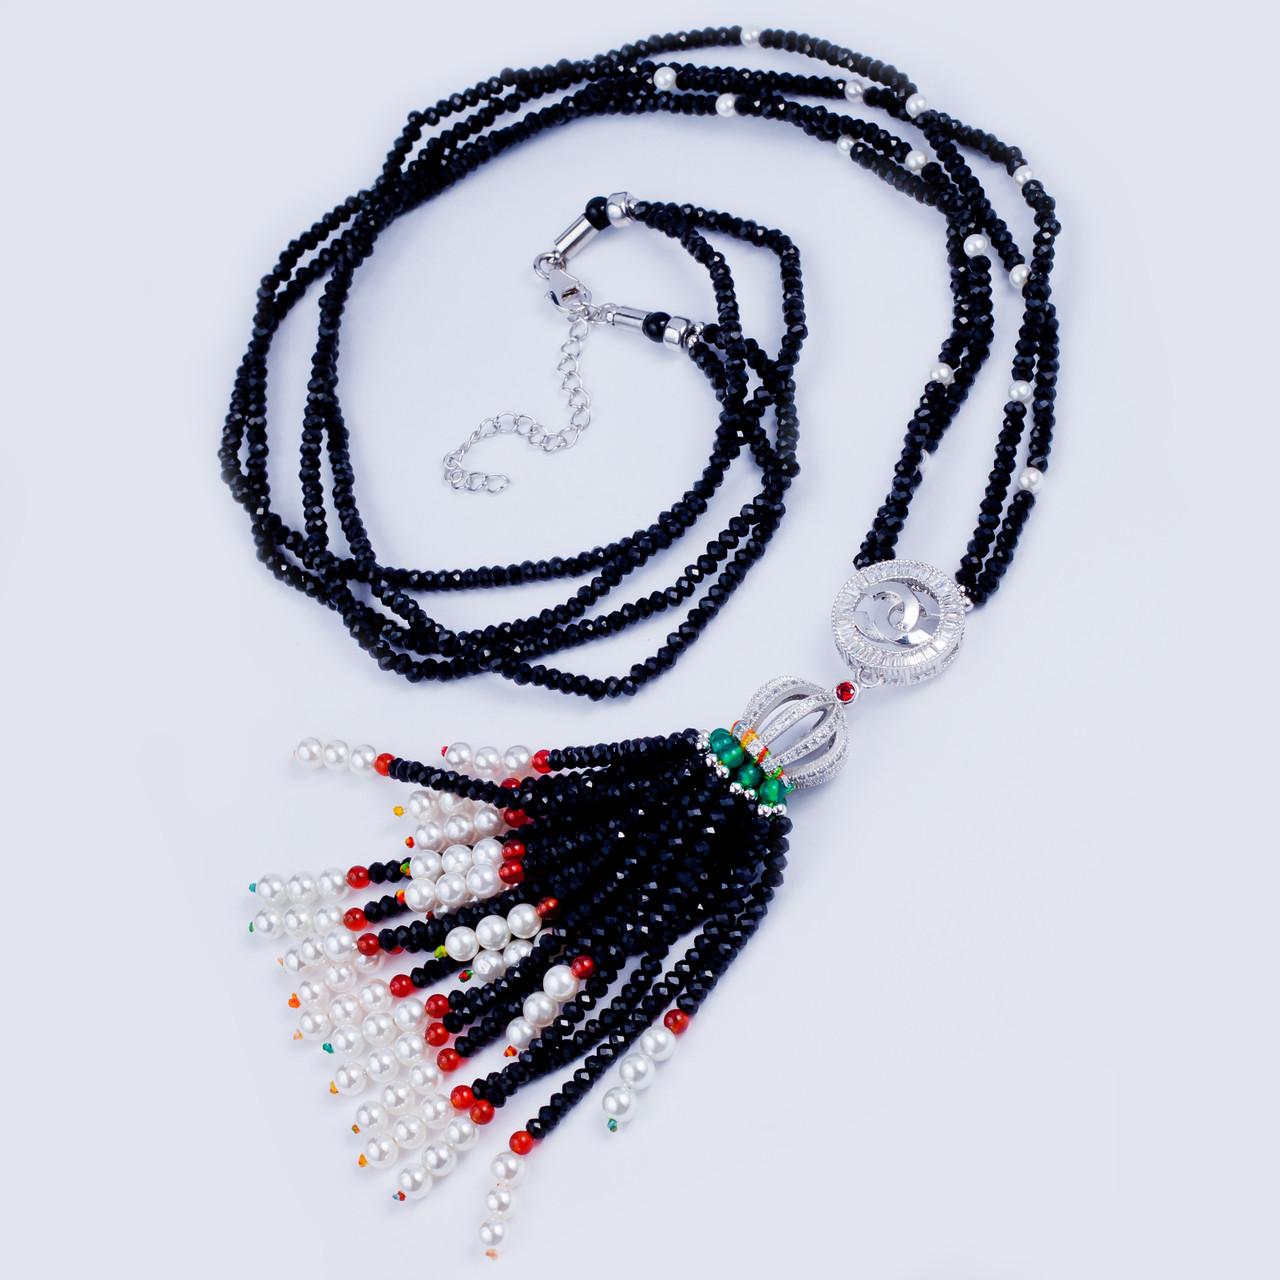 Колье в стиле Шанель с багетами циркония и черным венецианским жемчугом - J-B  в Одессе